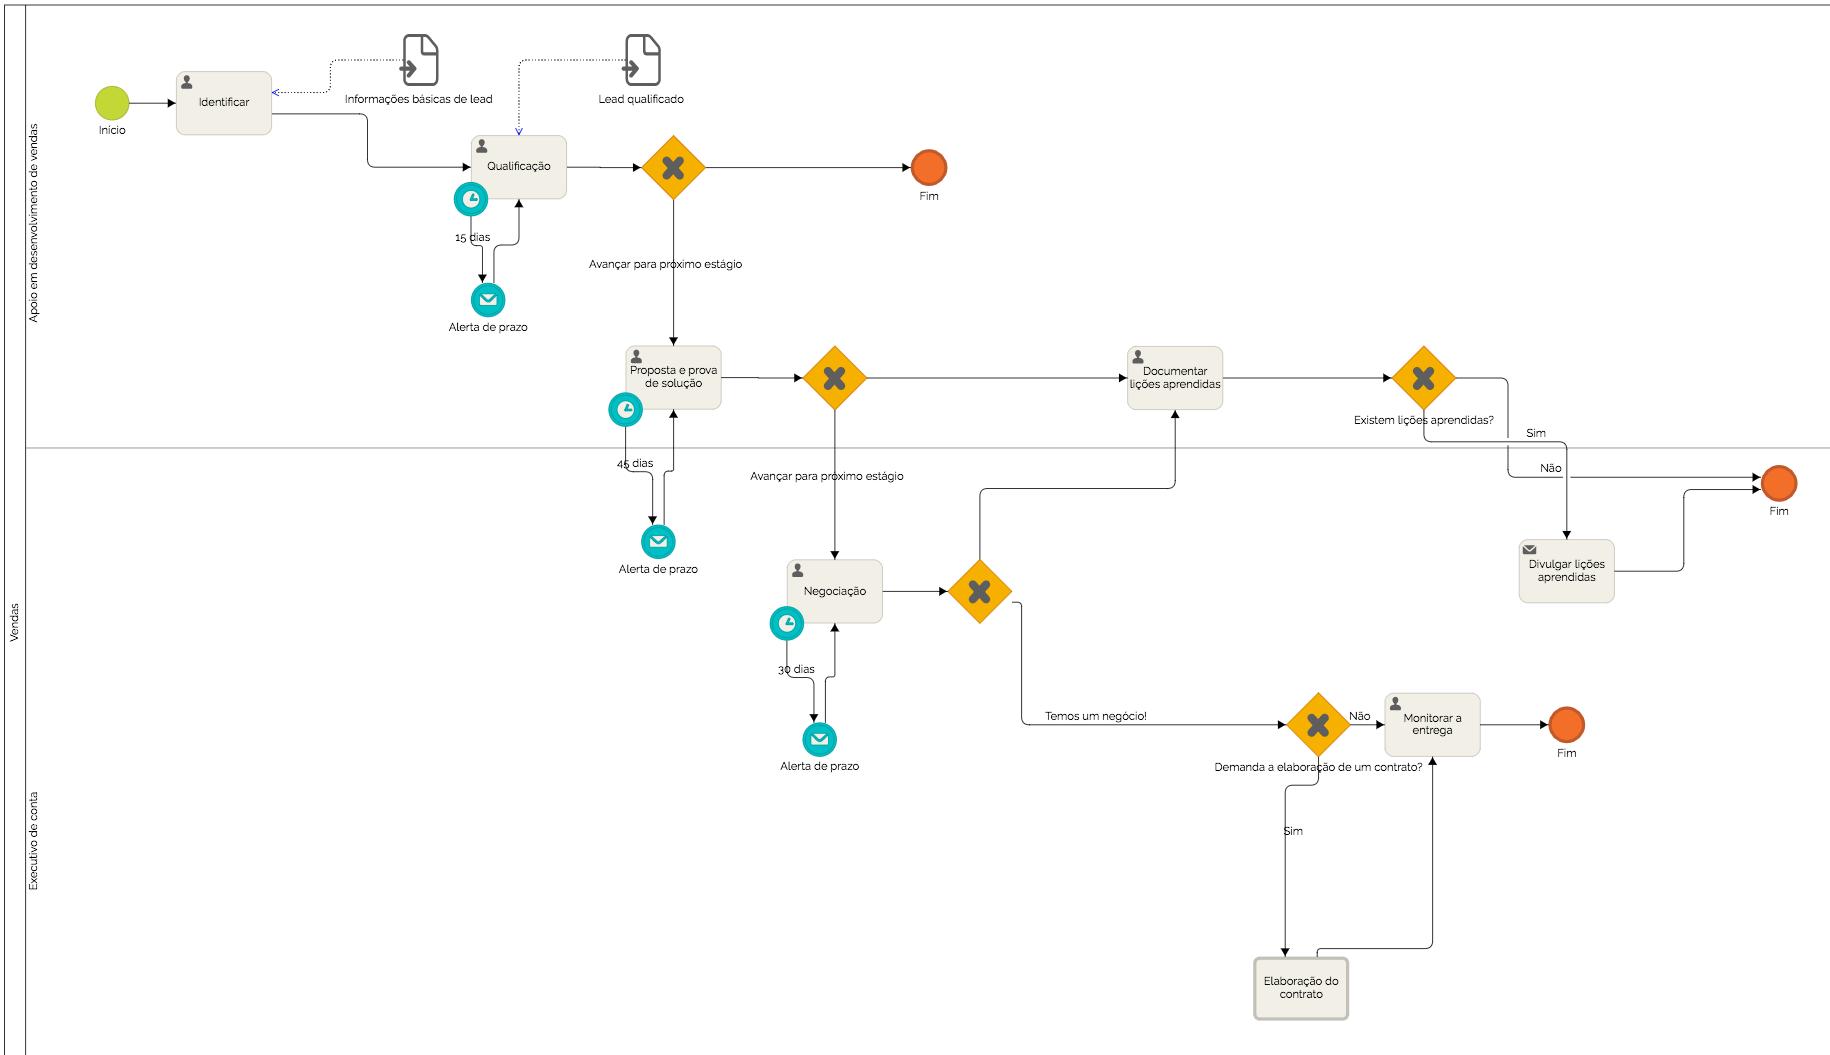 fluxograma-de-processo-de-vendas-01